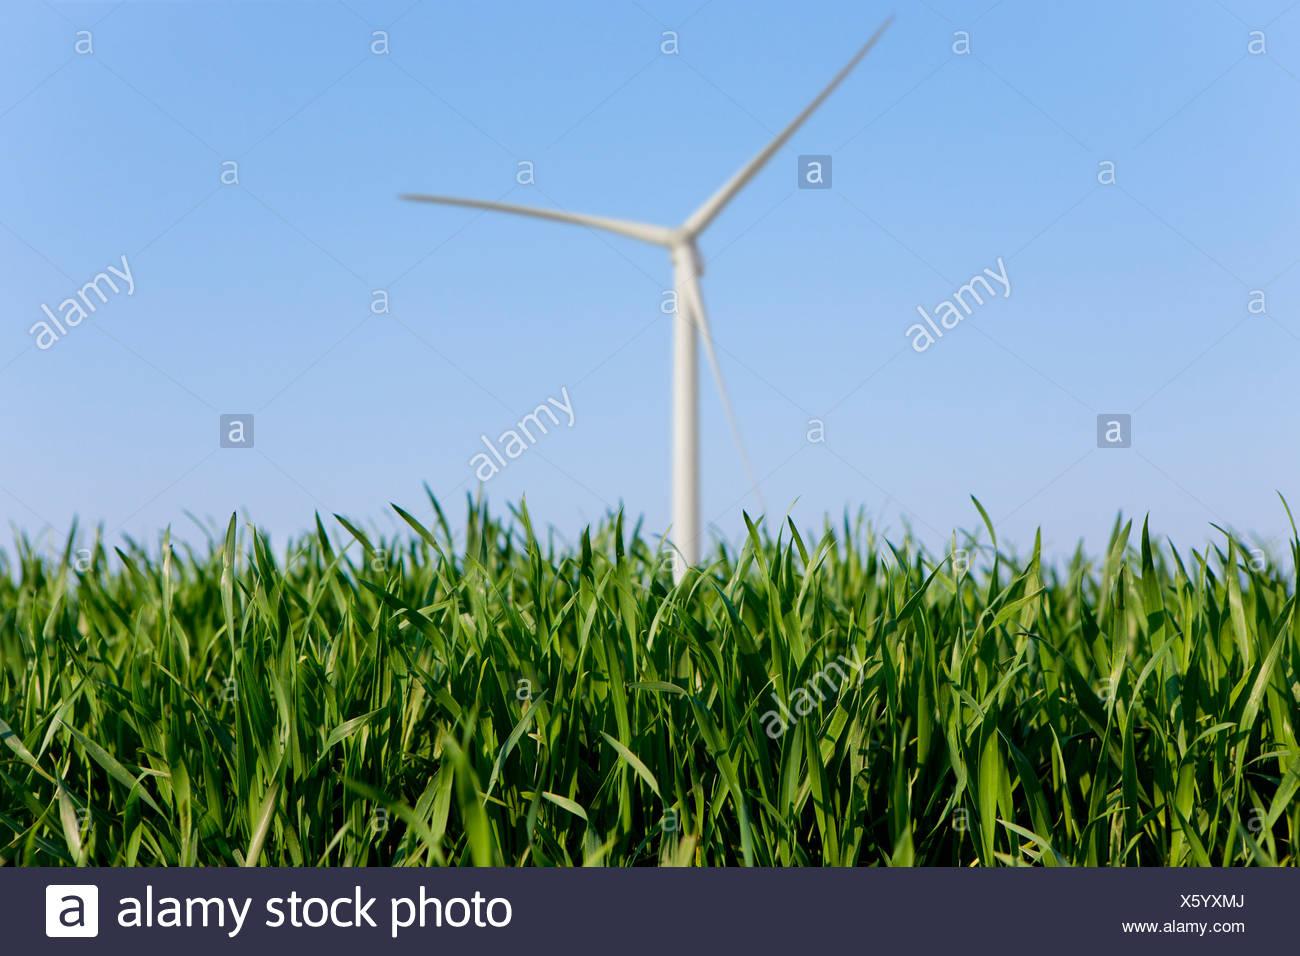 Nahaufnahme des Grases mit Windrad im Hintergrund Stockbild